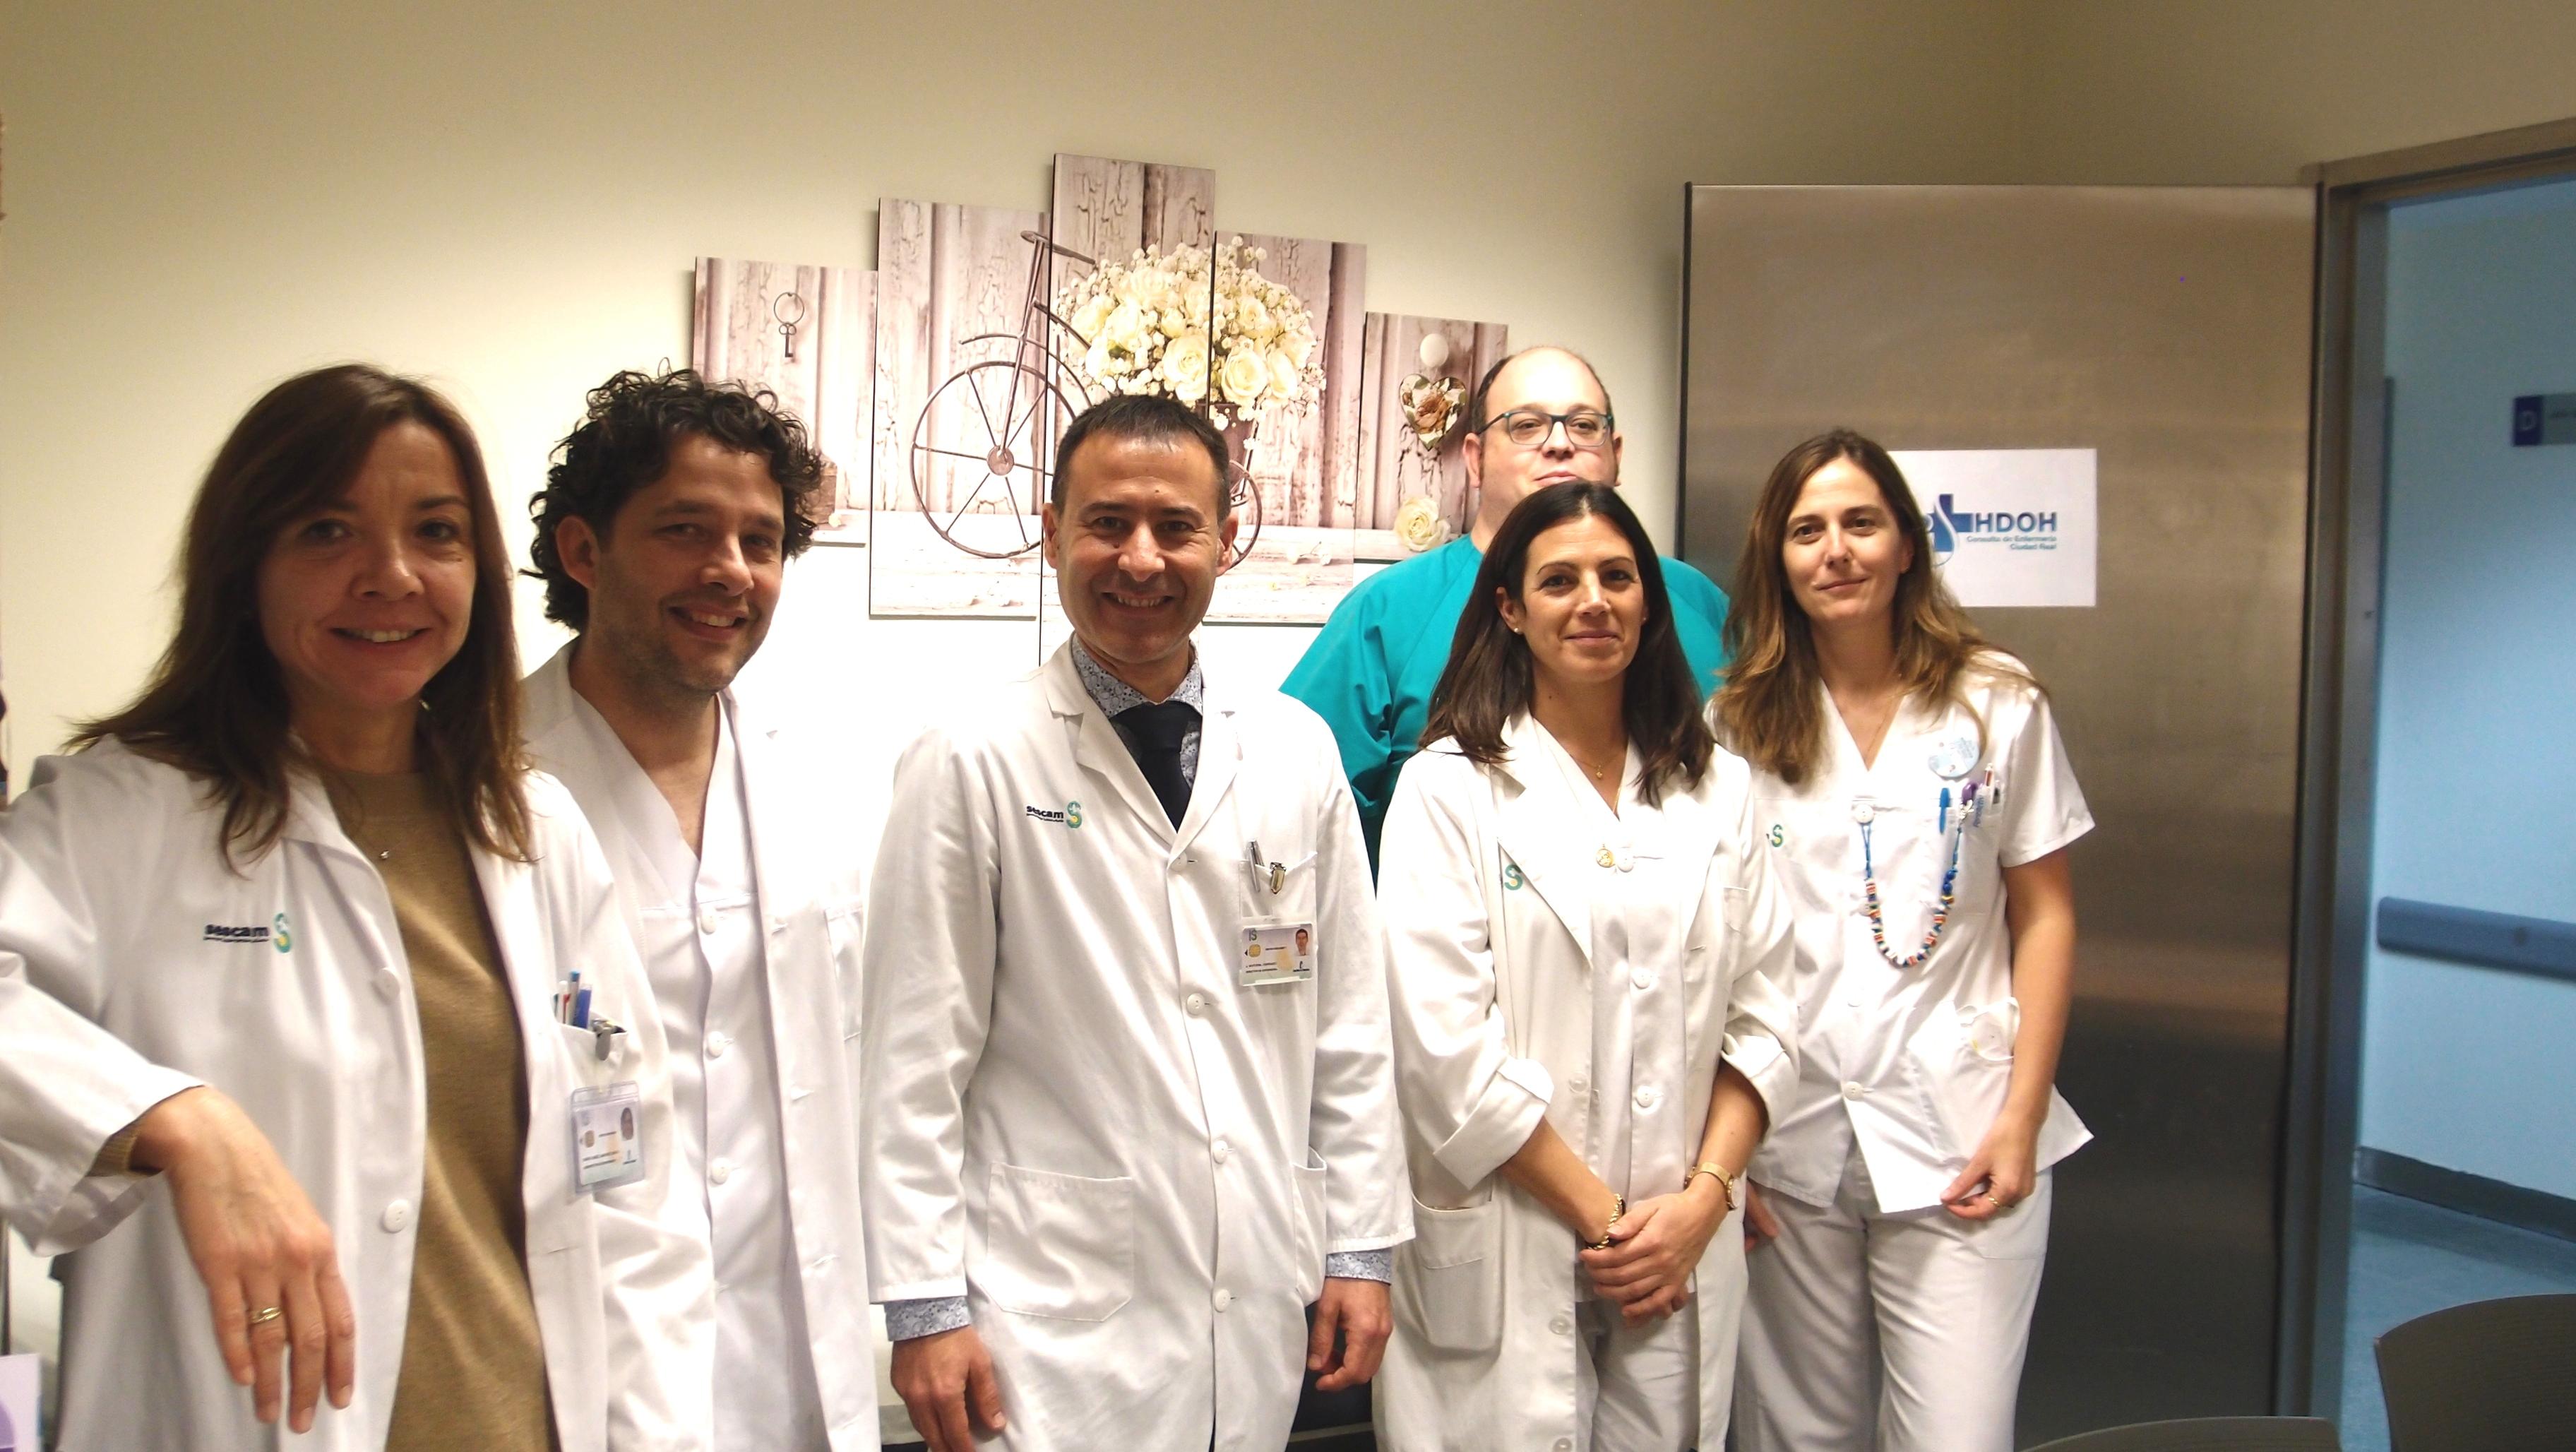 El Hospital de Ciudad Real crea una consulta deenfermeríapara los pacientes que inician tratamiento oncológico